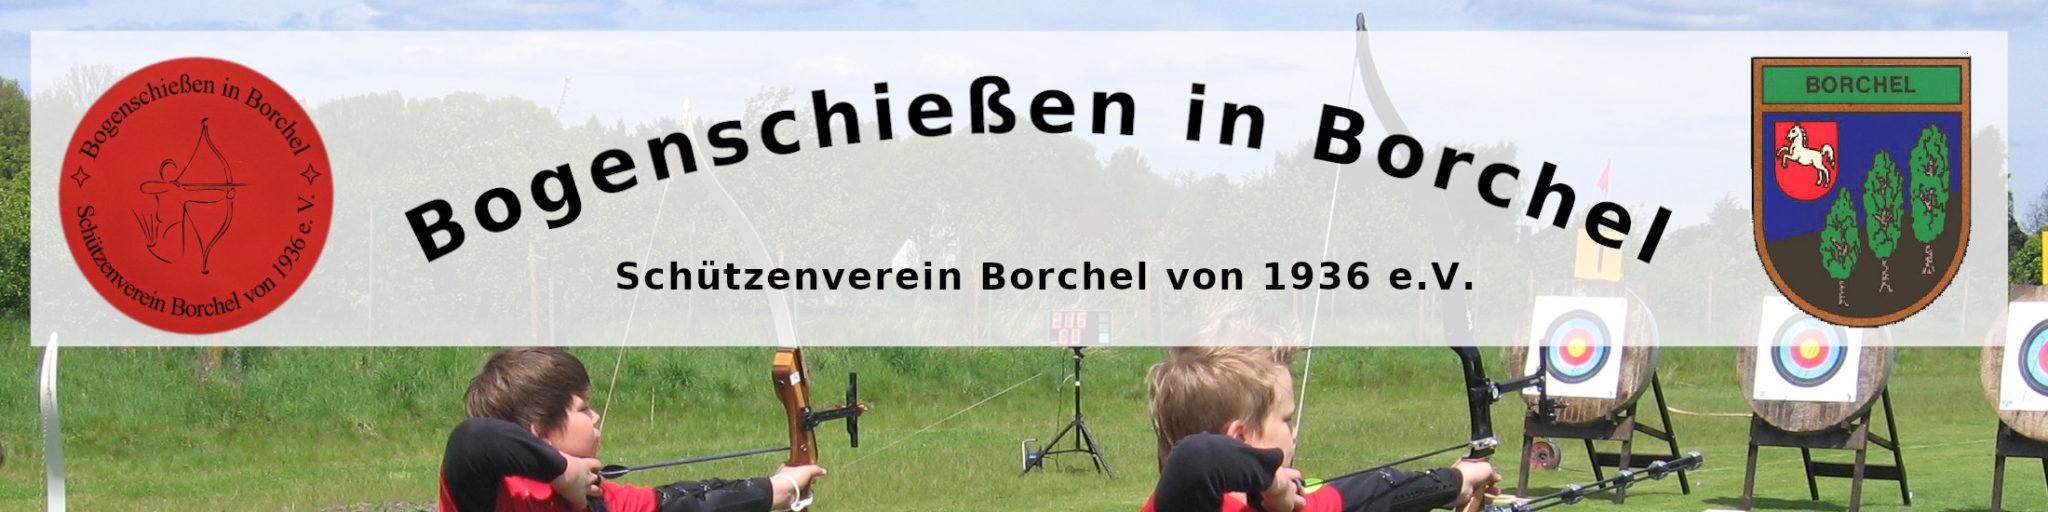 Bogenschießen in Borchel